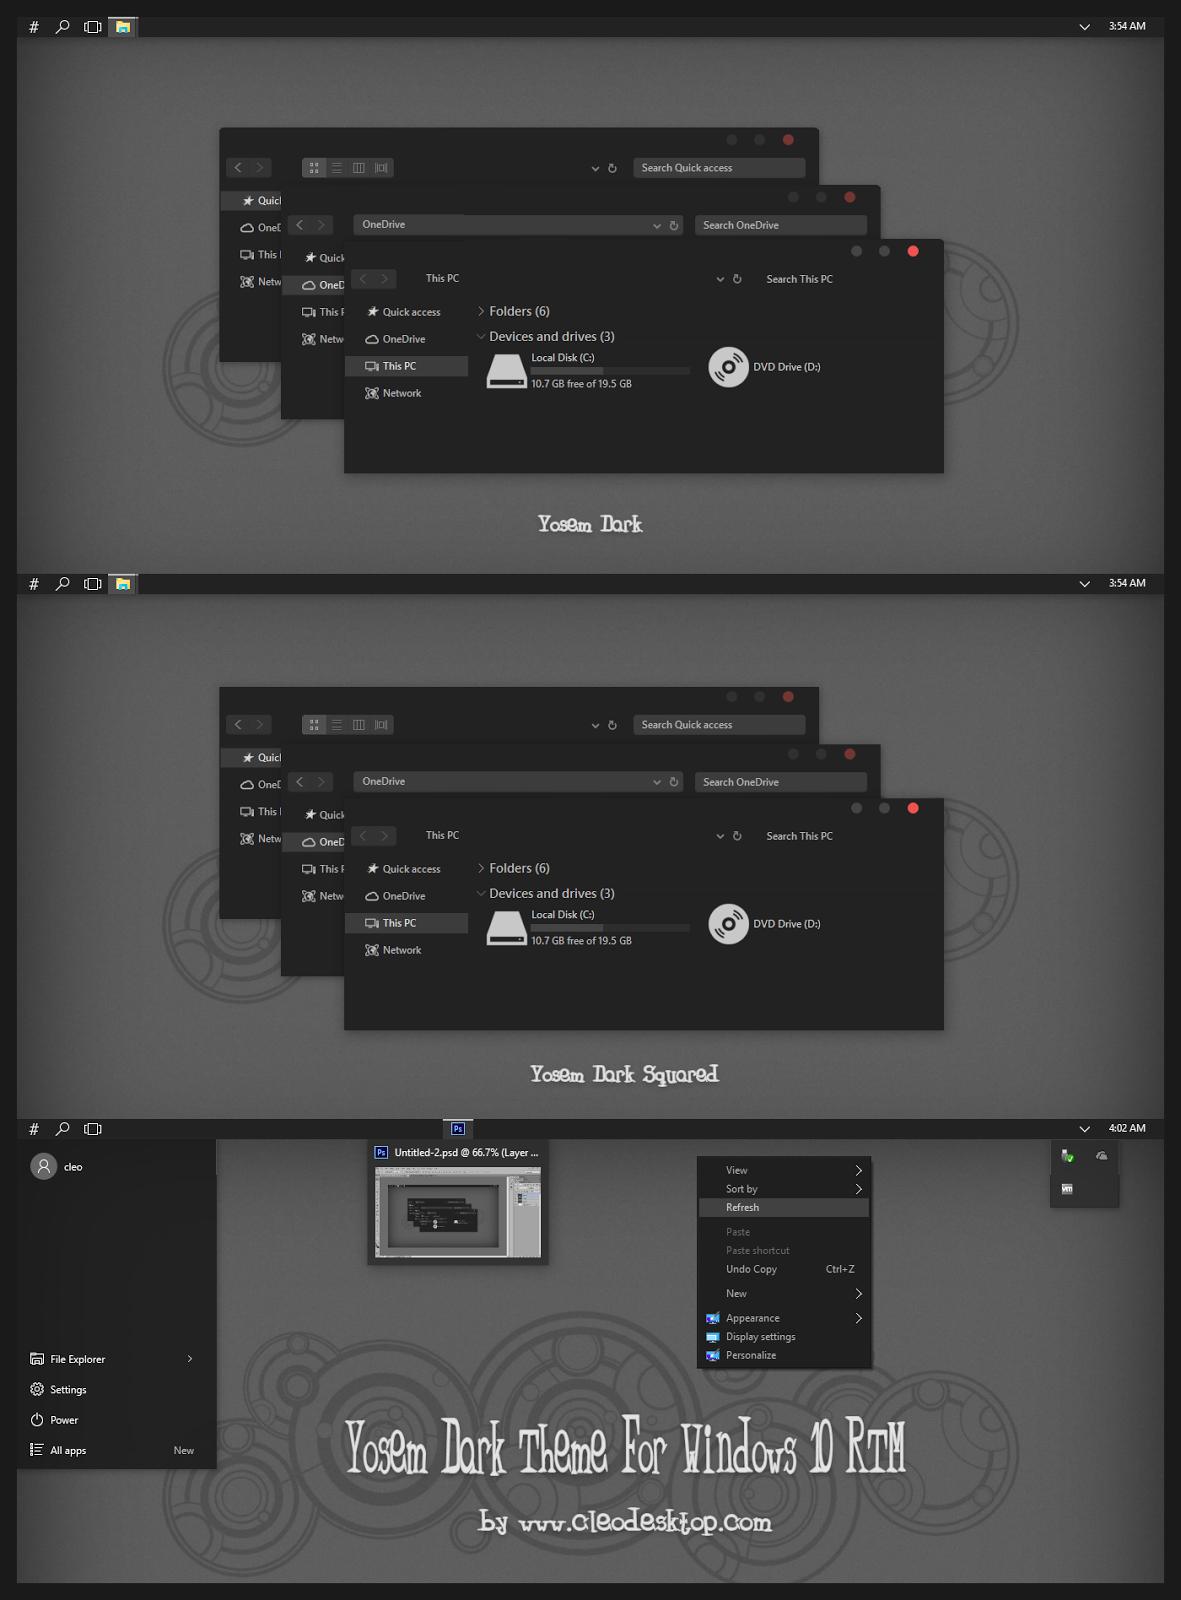 yosem dark theme for windows 10 rtm cleodesktop theme windows 10